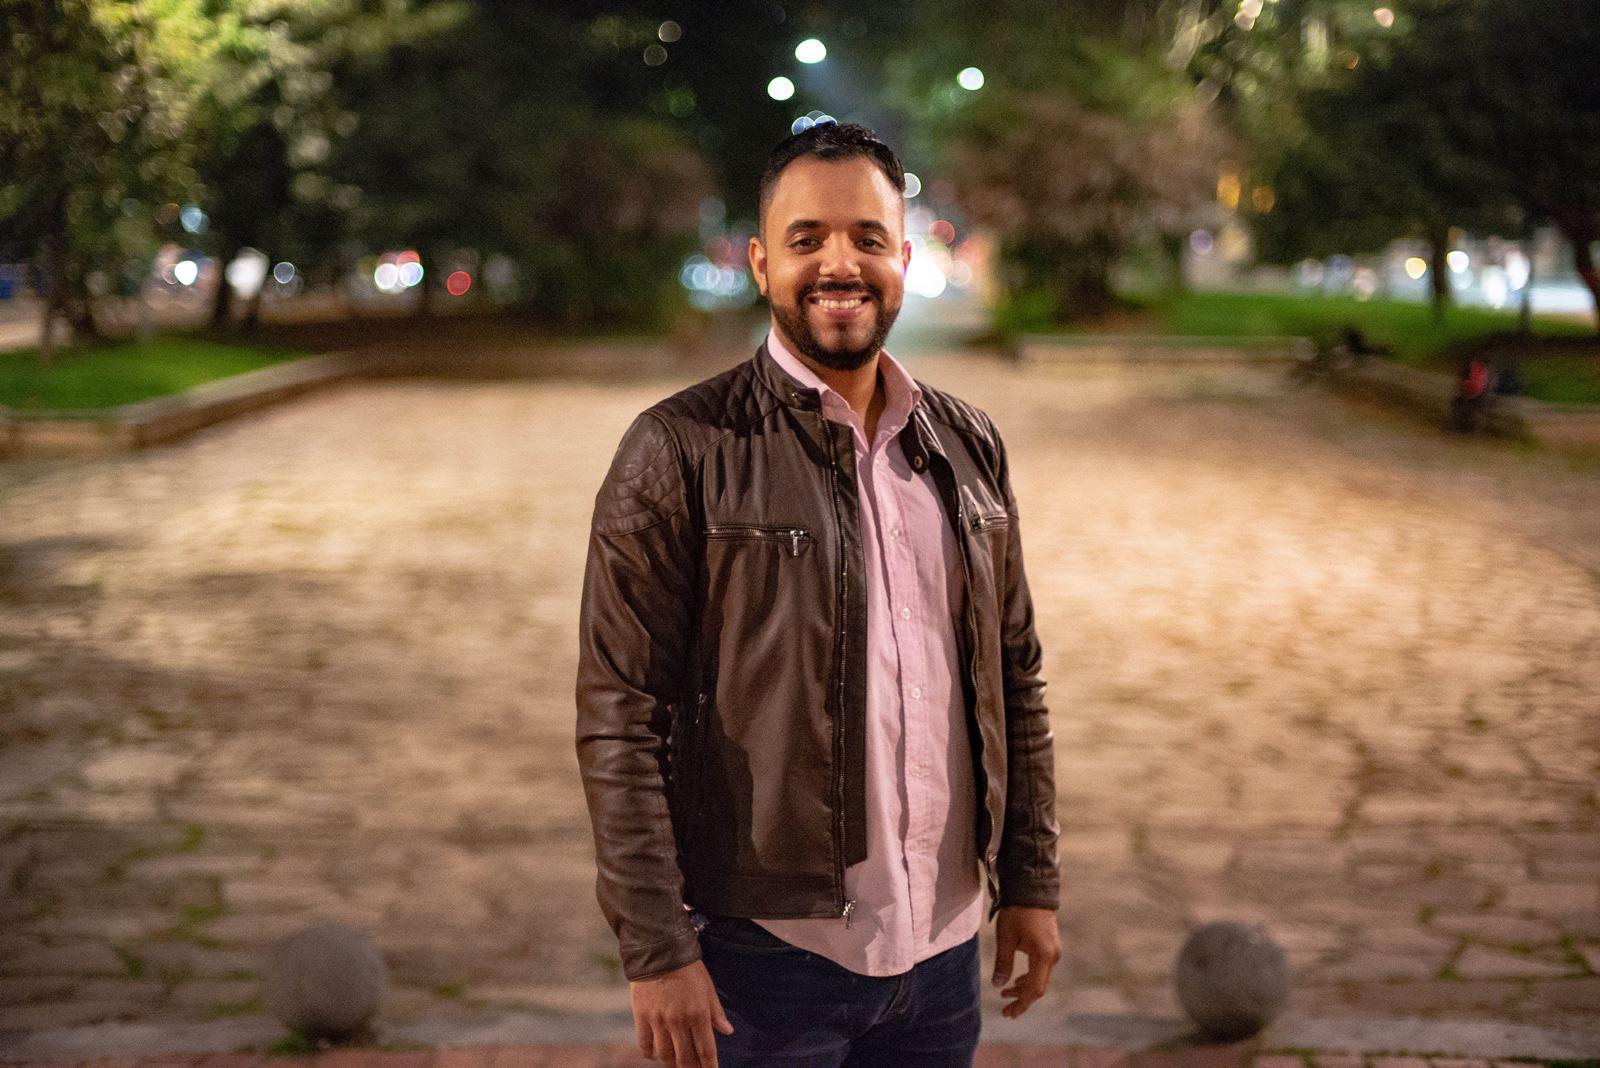 De Caracas a Ciudad Bolívar: la historia de un profesor de música venezolano